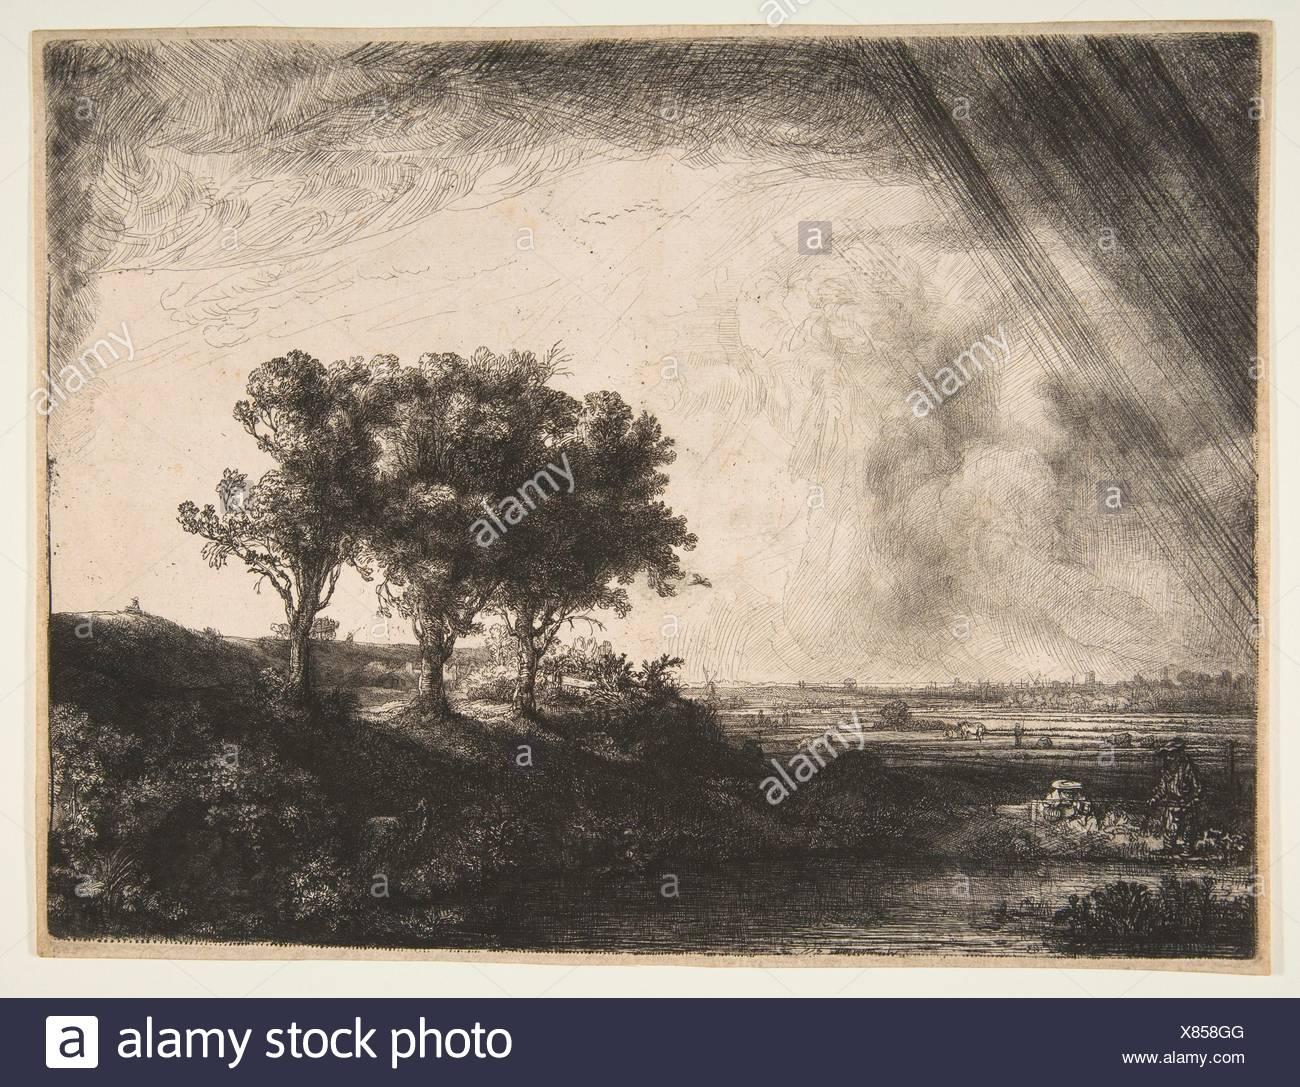 Berühmt Rembrandts Anatomie Lektion Von Dr. Tulp Ideen - Anatomie ...